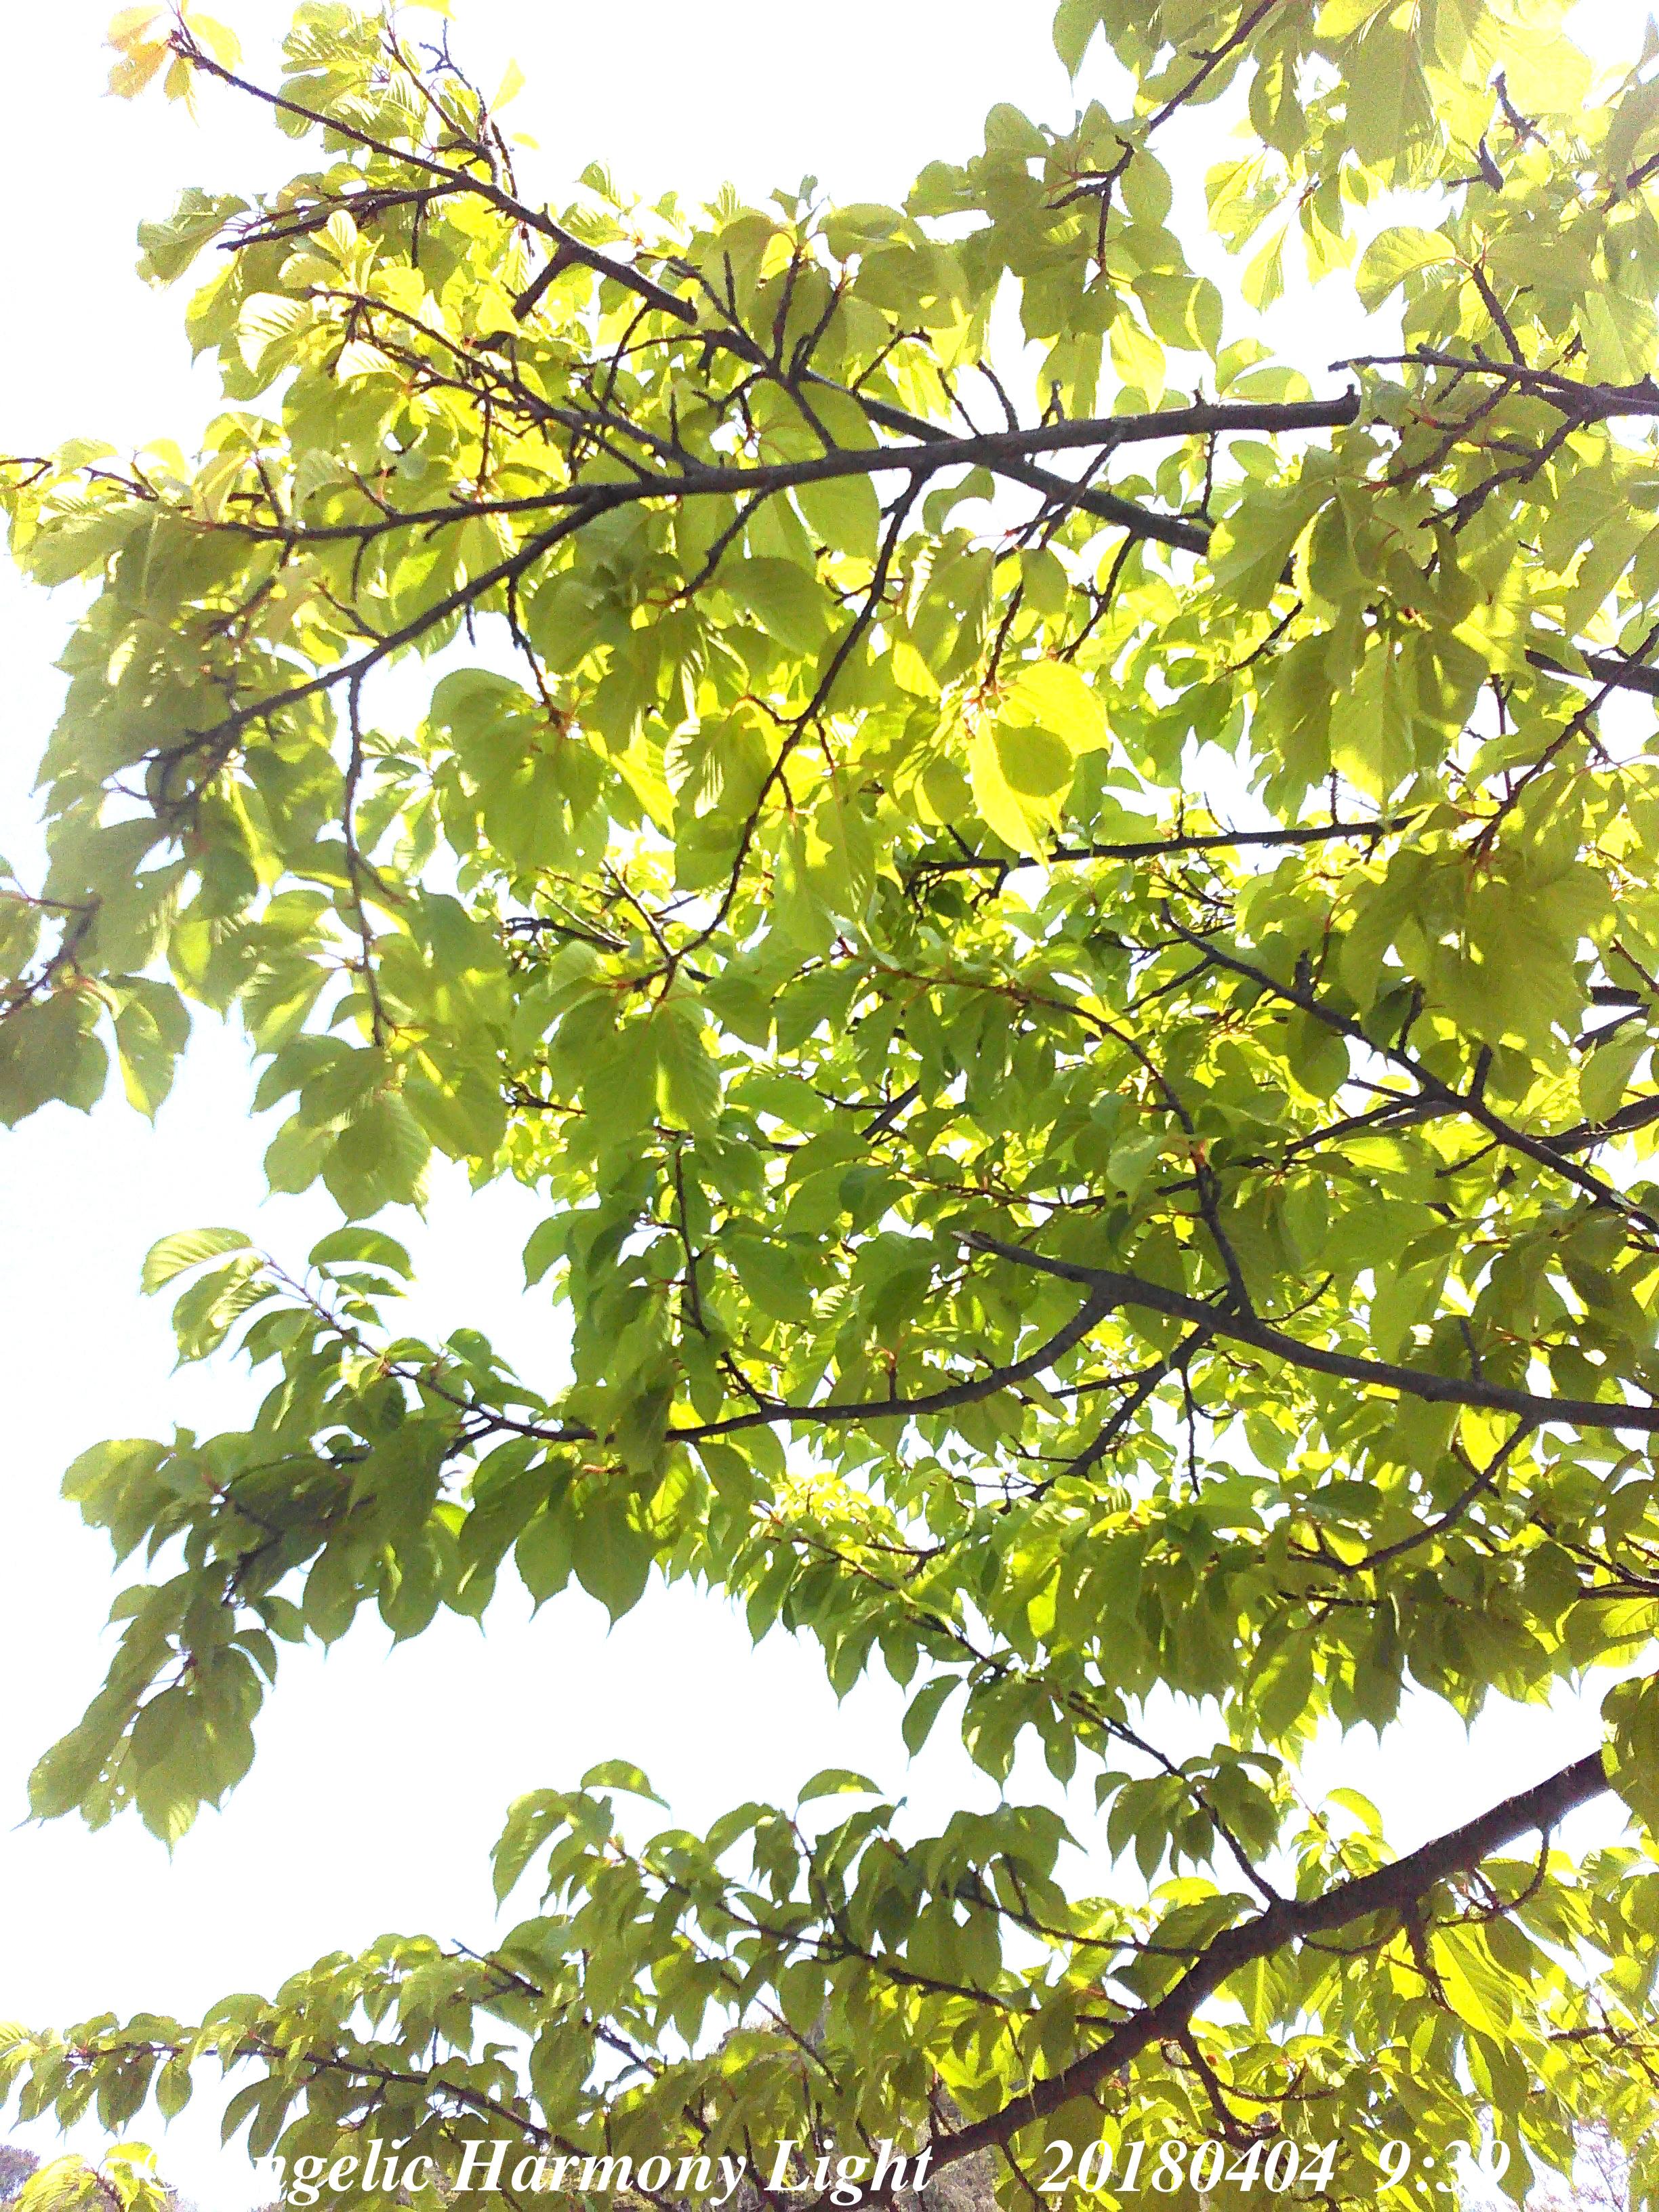 2018年4月14日緑うるわし葉桜さん♪